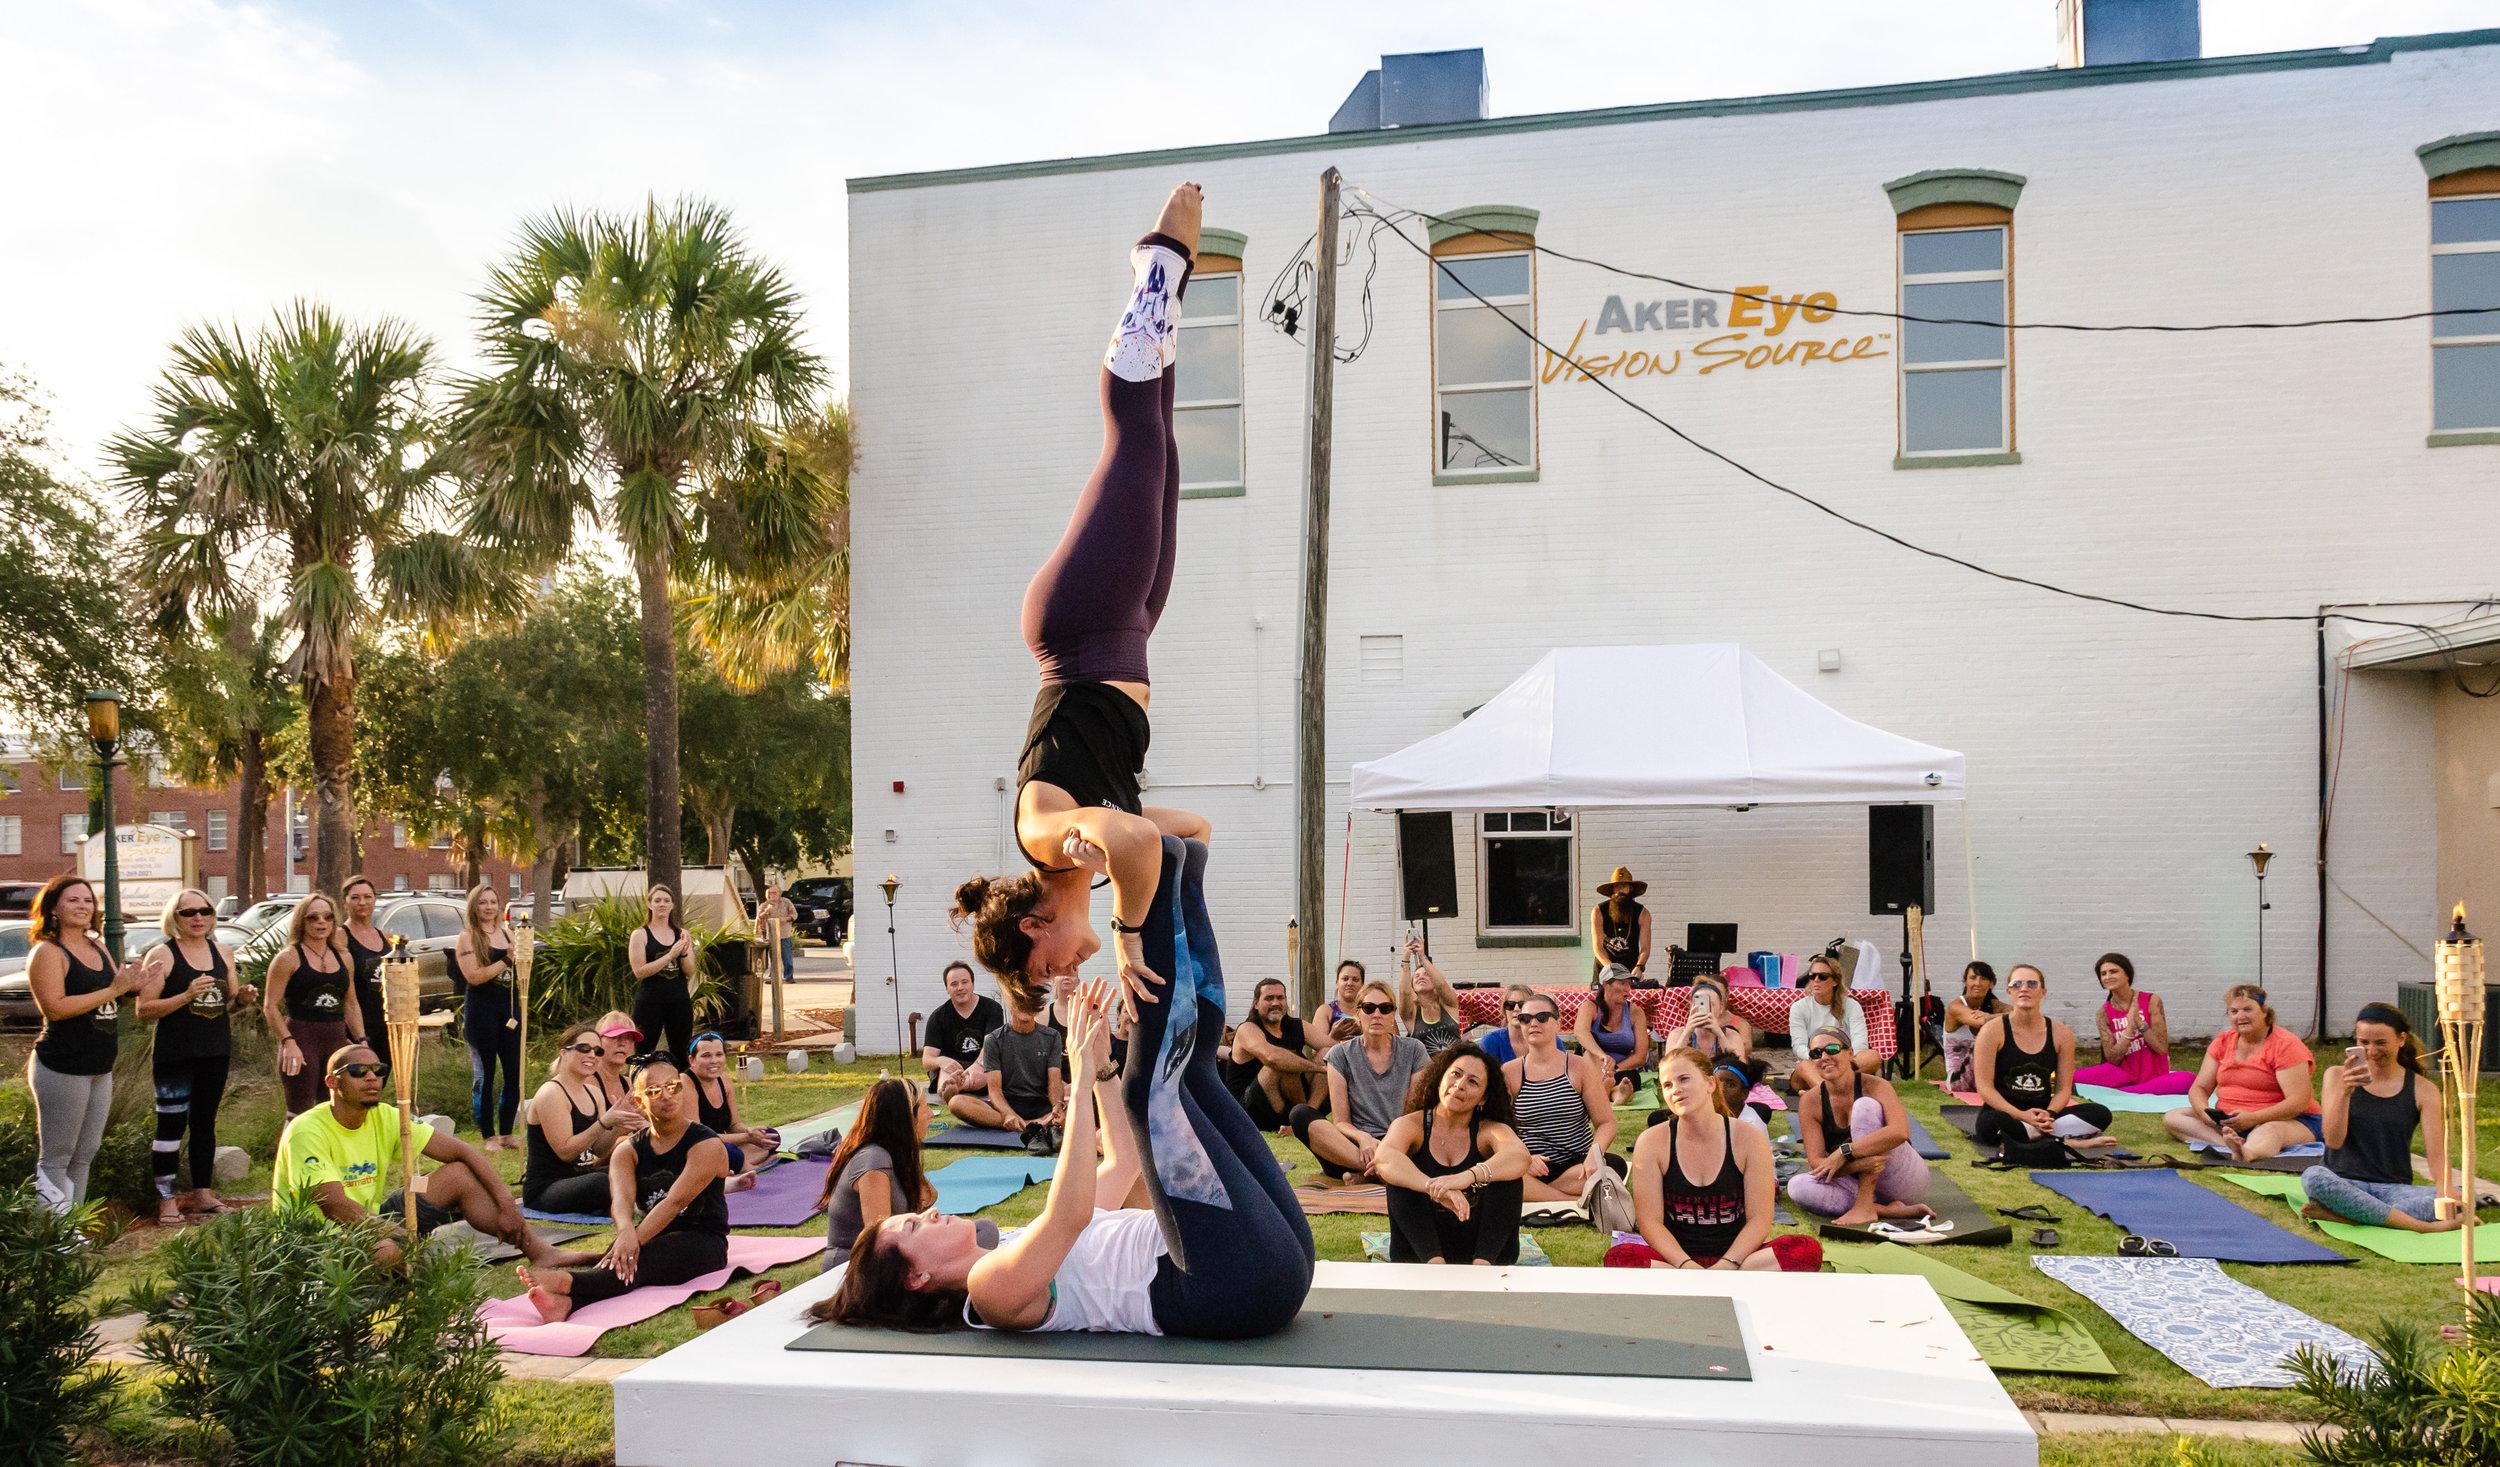 The Titusville Yoga Loft  - Titusville Yoga Loft Community Garden 1.jpg